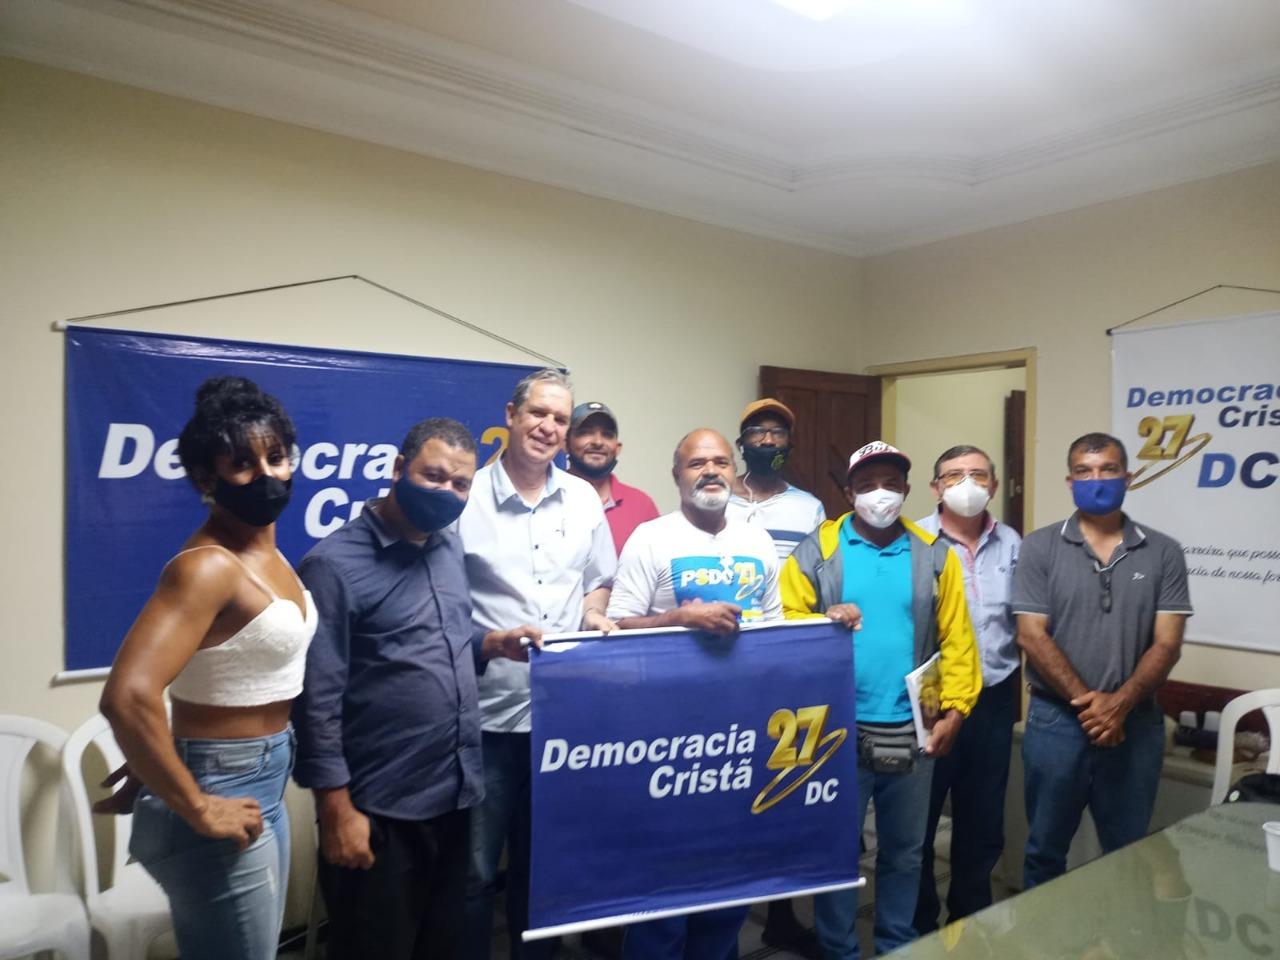 DC Sergipe e as propostas para as eleições do ano que vem